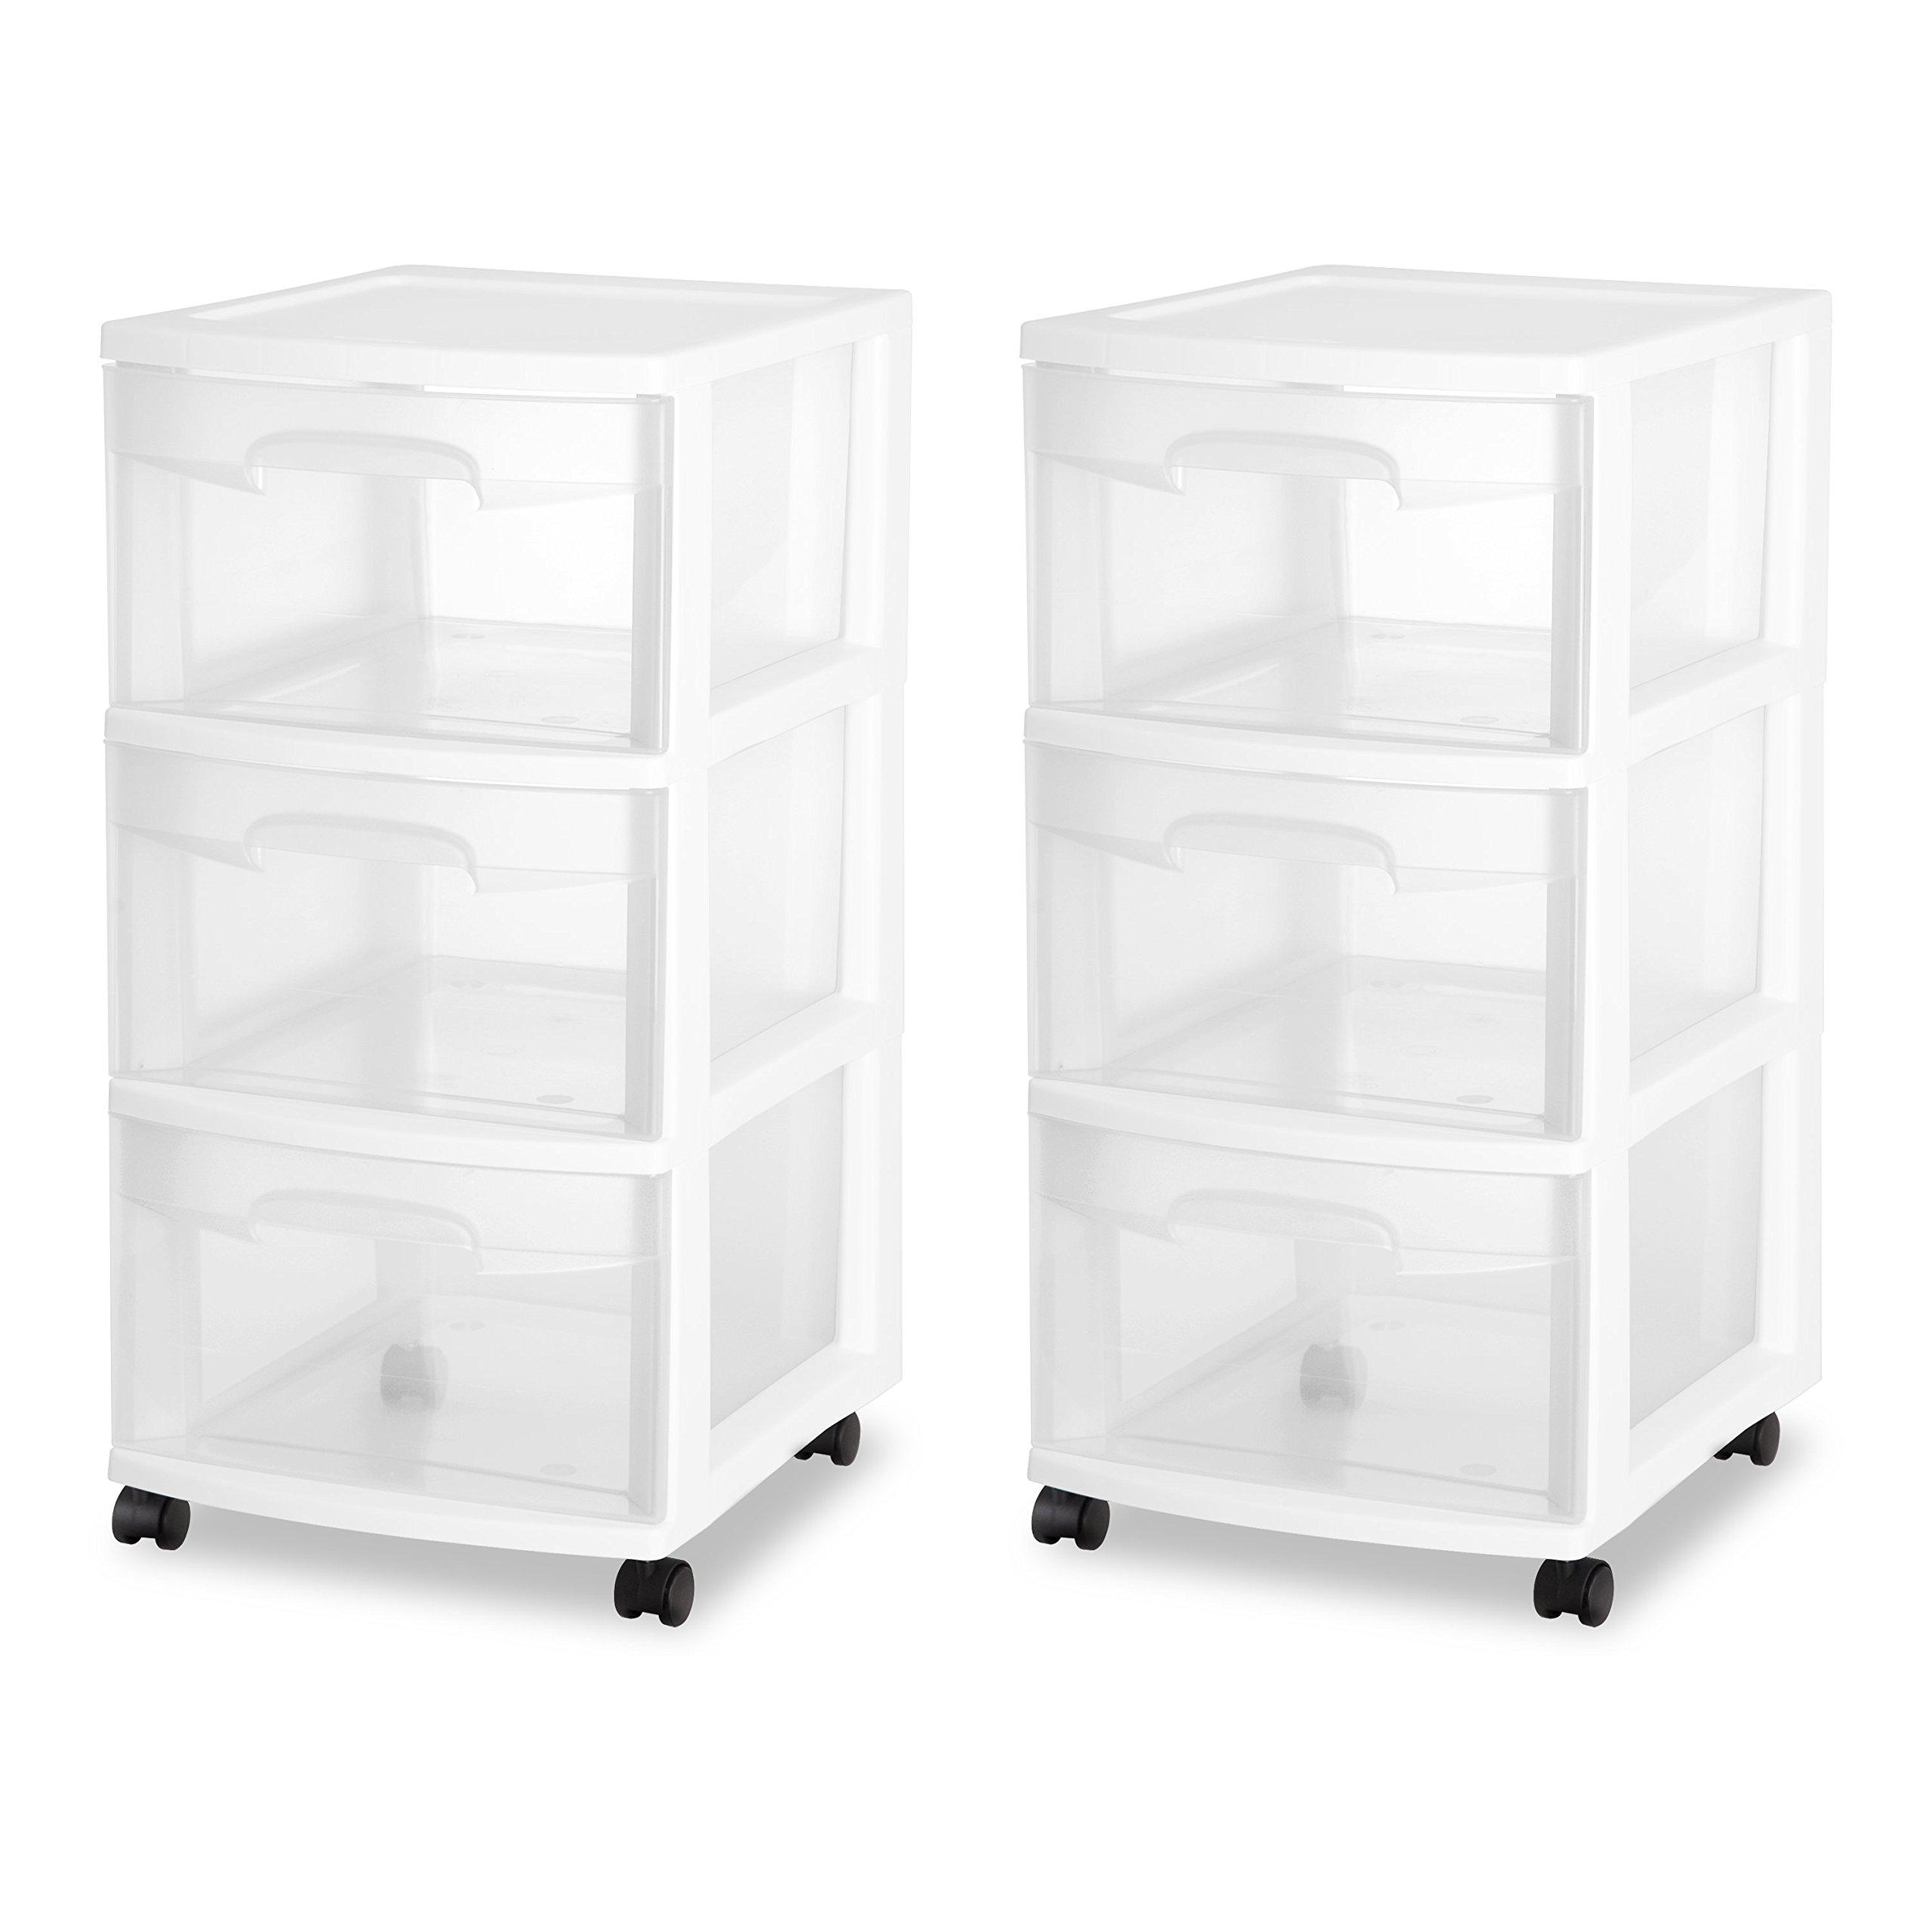 Sterilite 3 Drawer Cart, White, Cases of 2